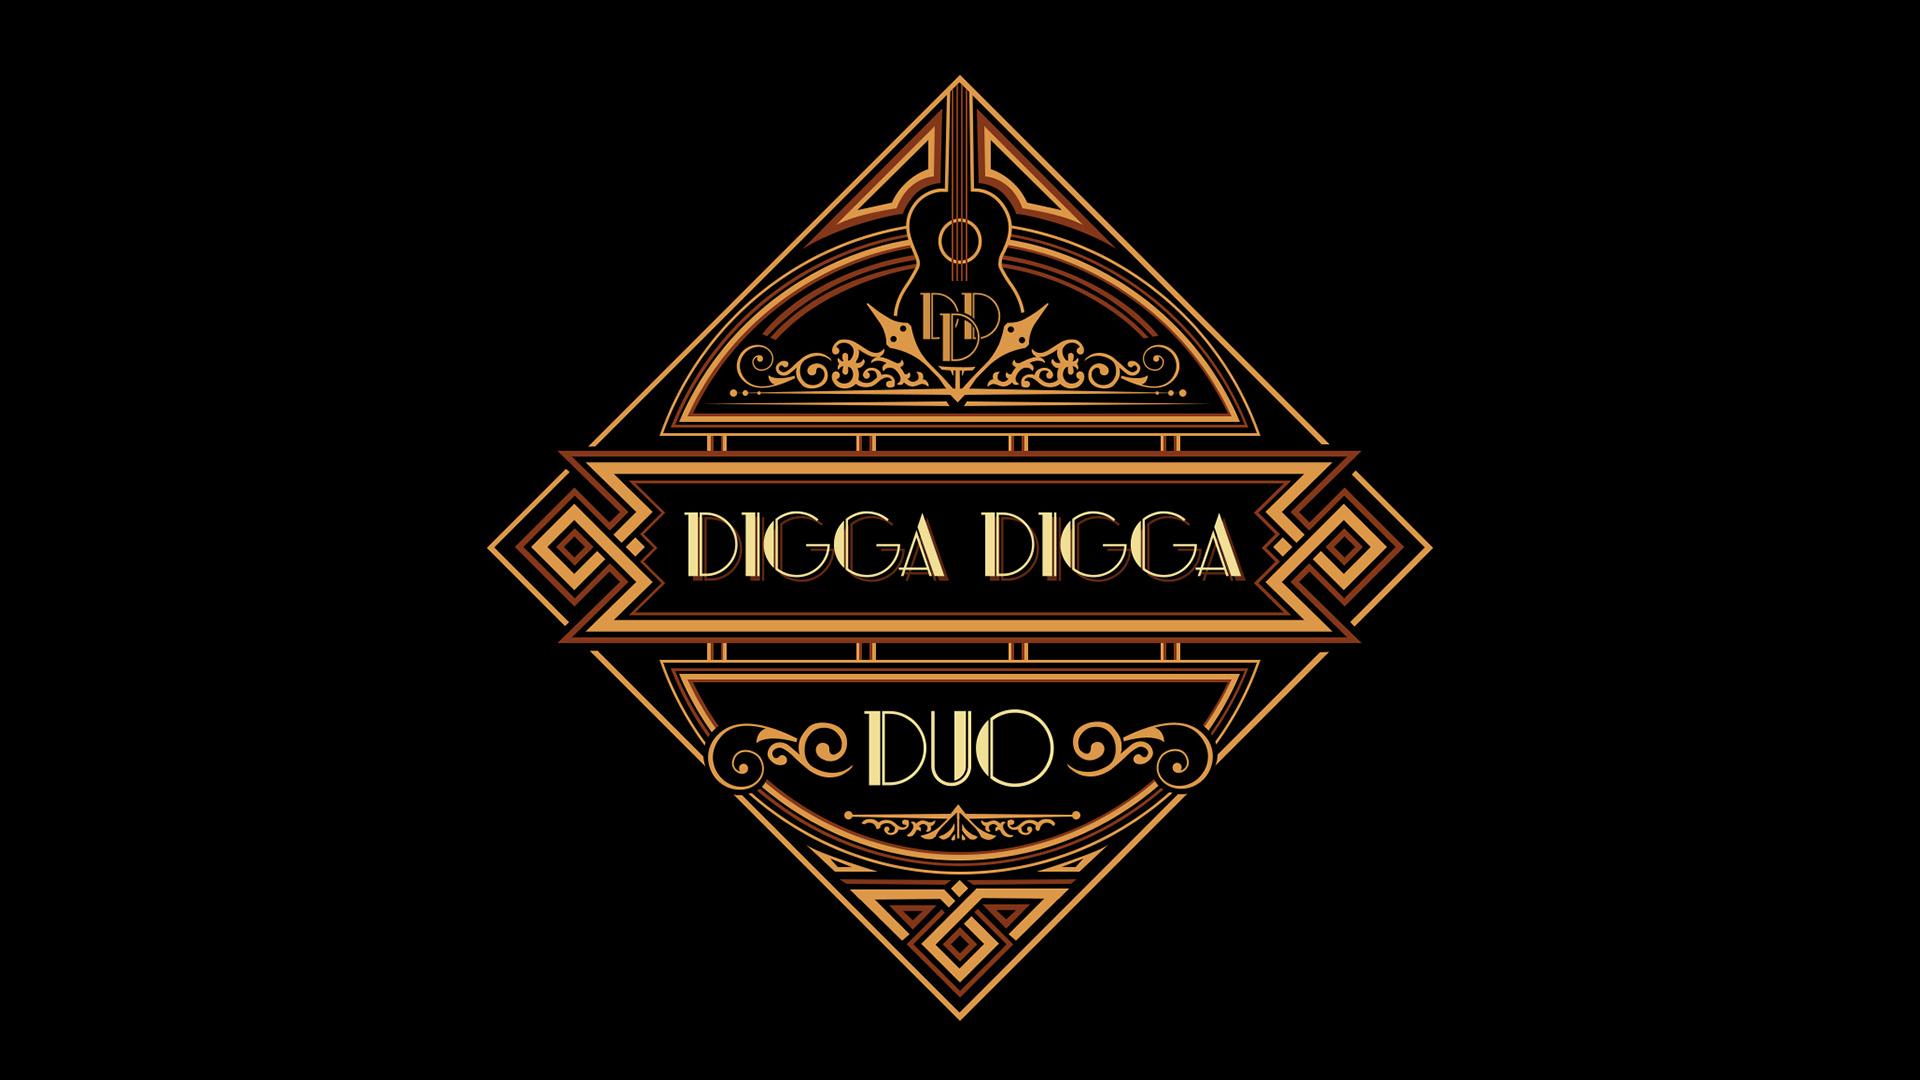 DIGGA DIGGA DUO FOTO 3